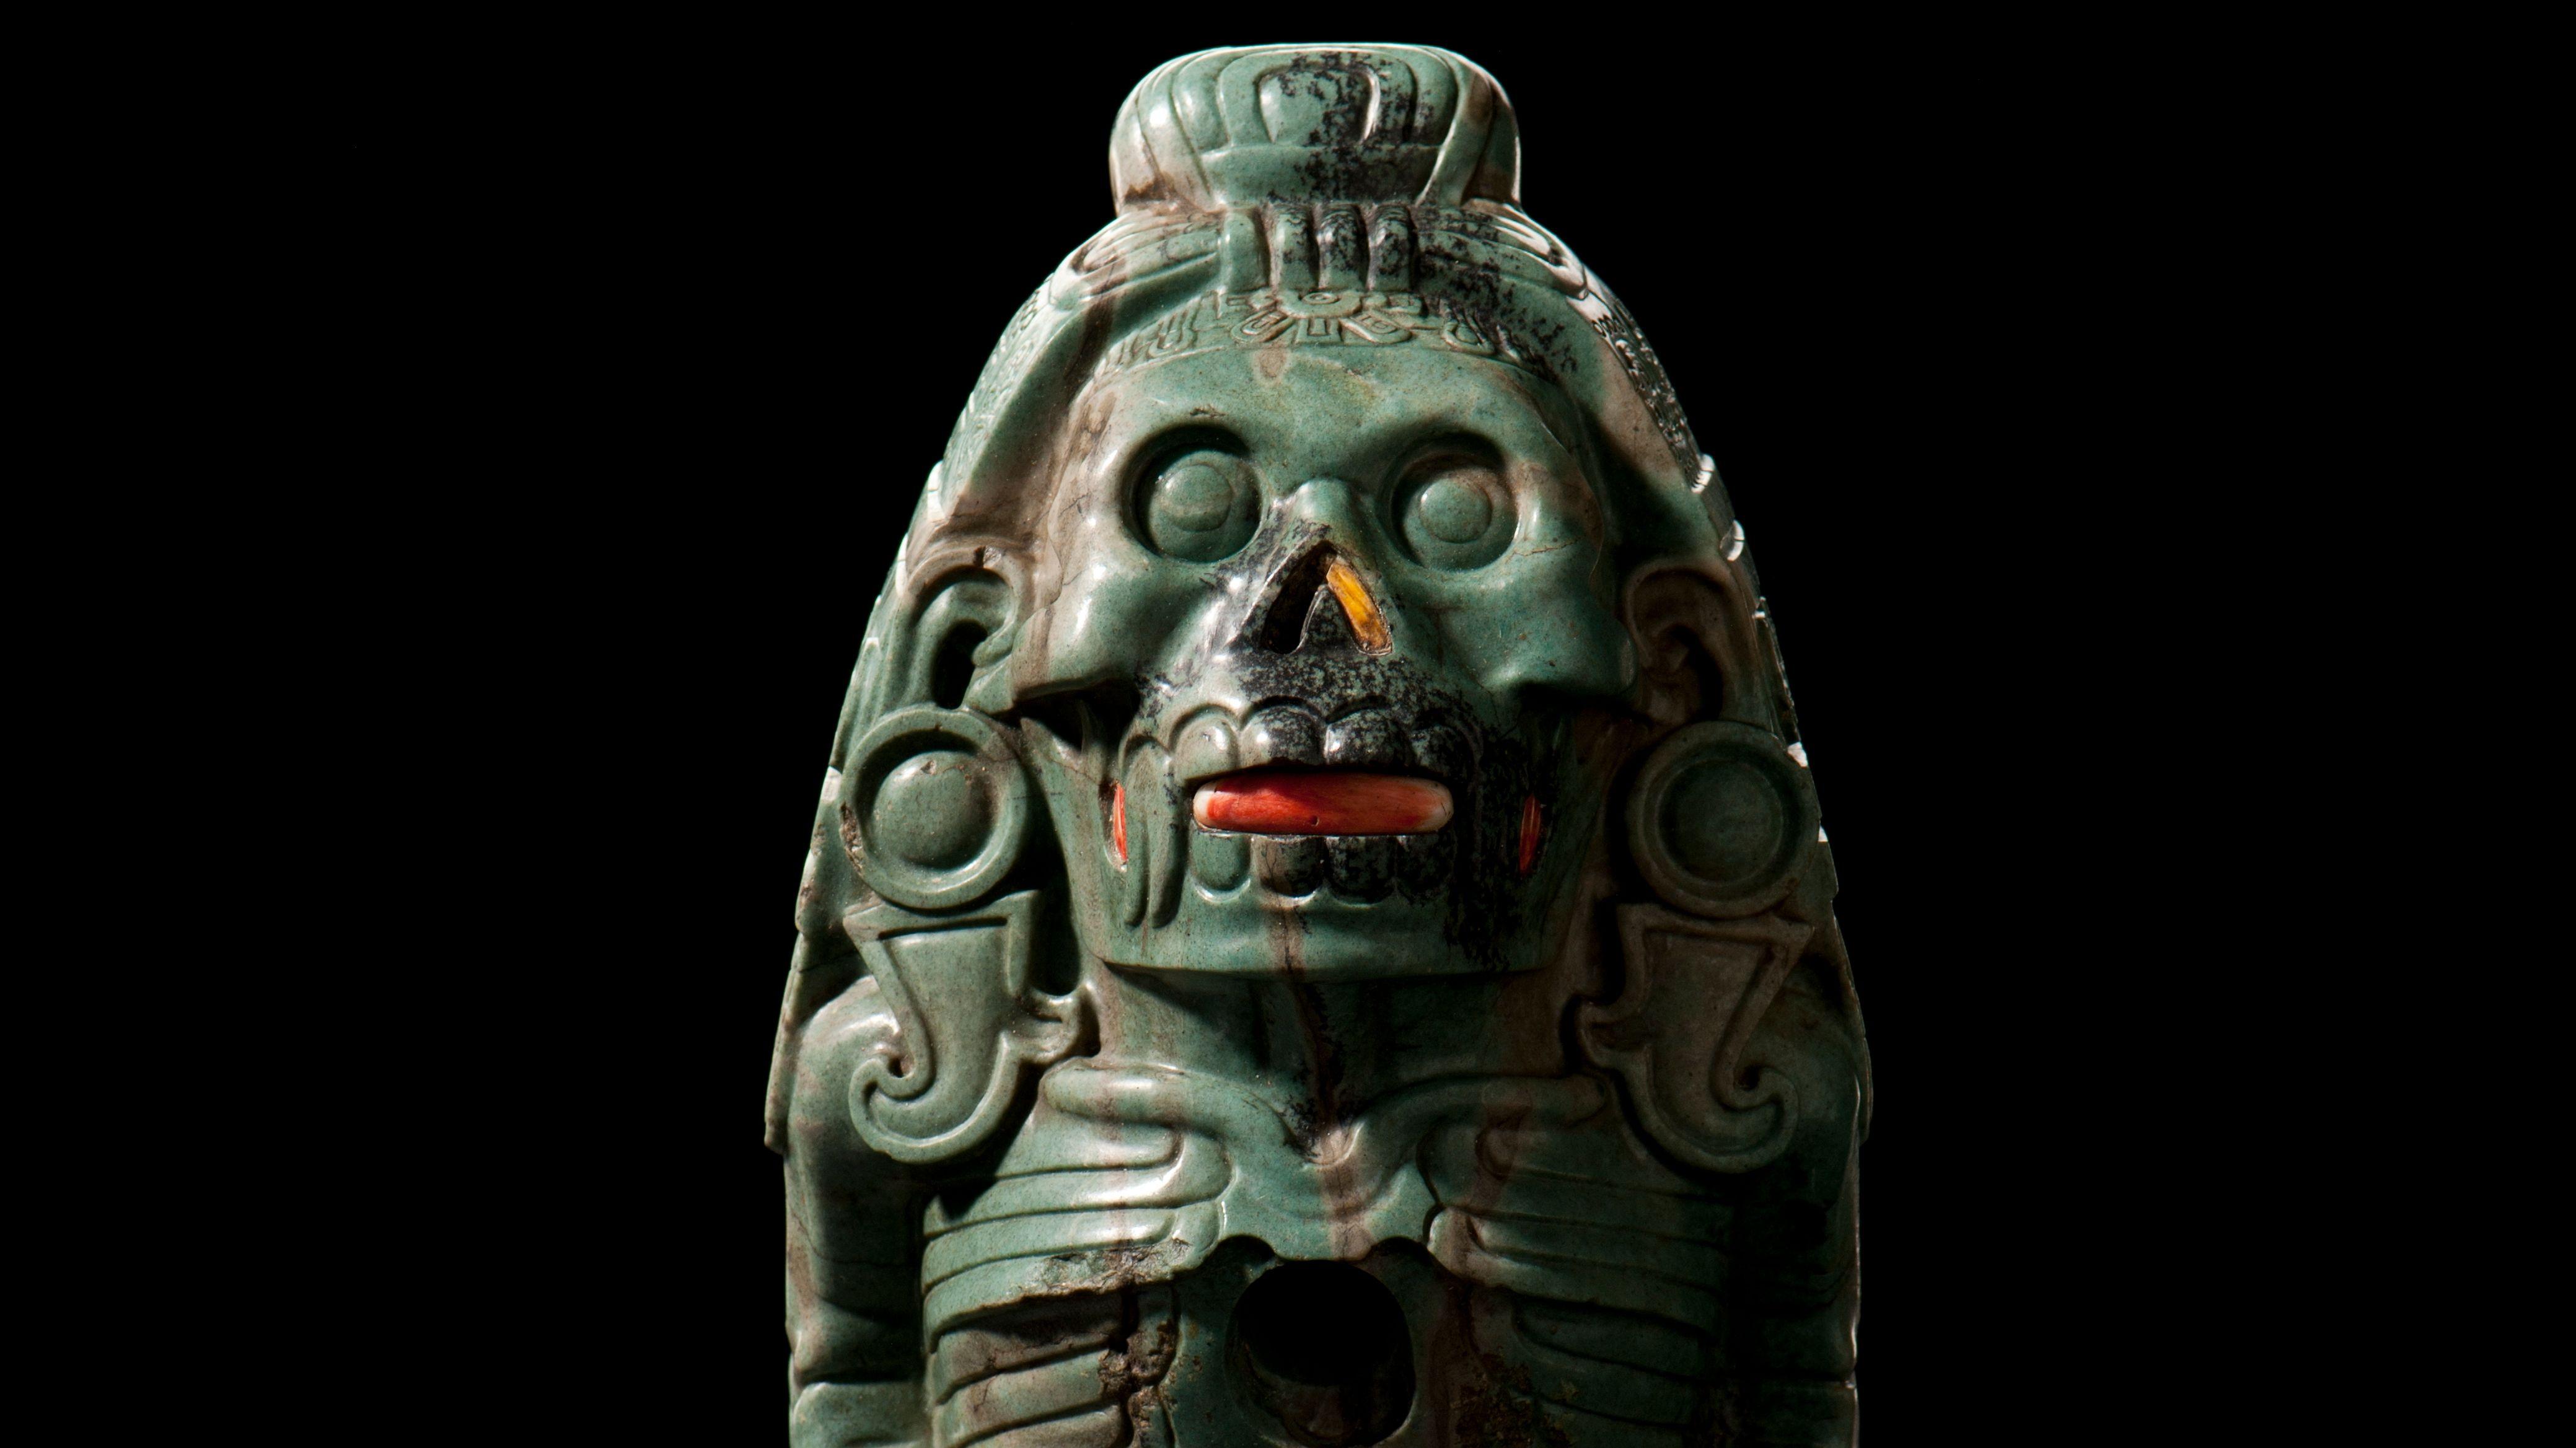 Figur des Gottes Quetzalcoatl aus Grünstein, Koralle oder Spondylus